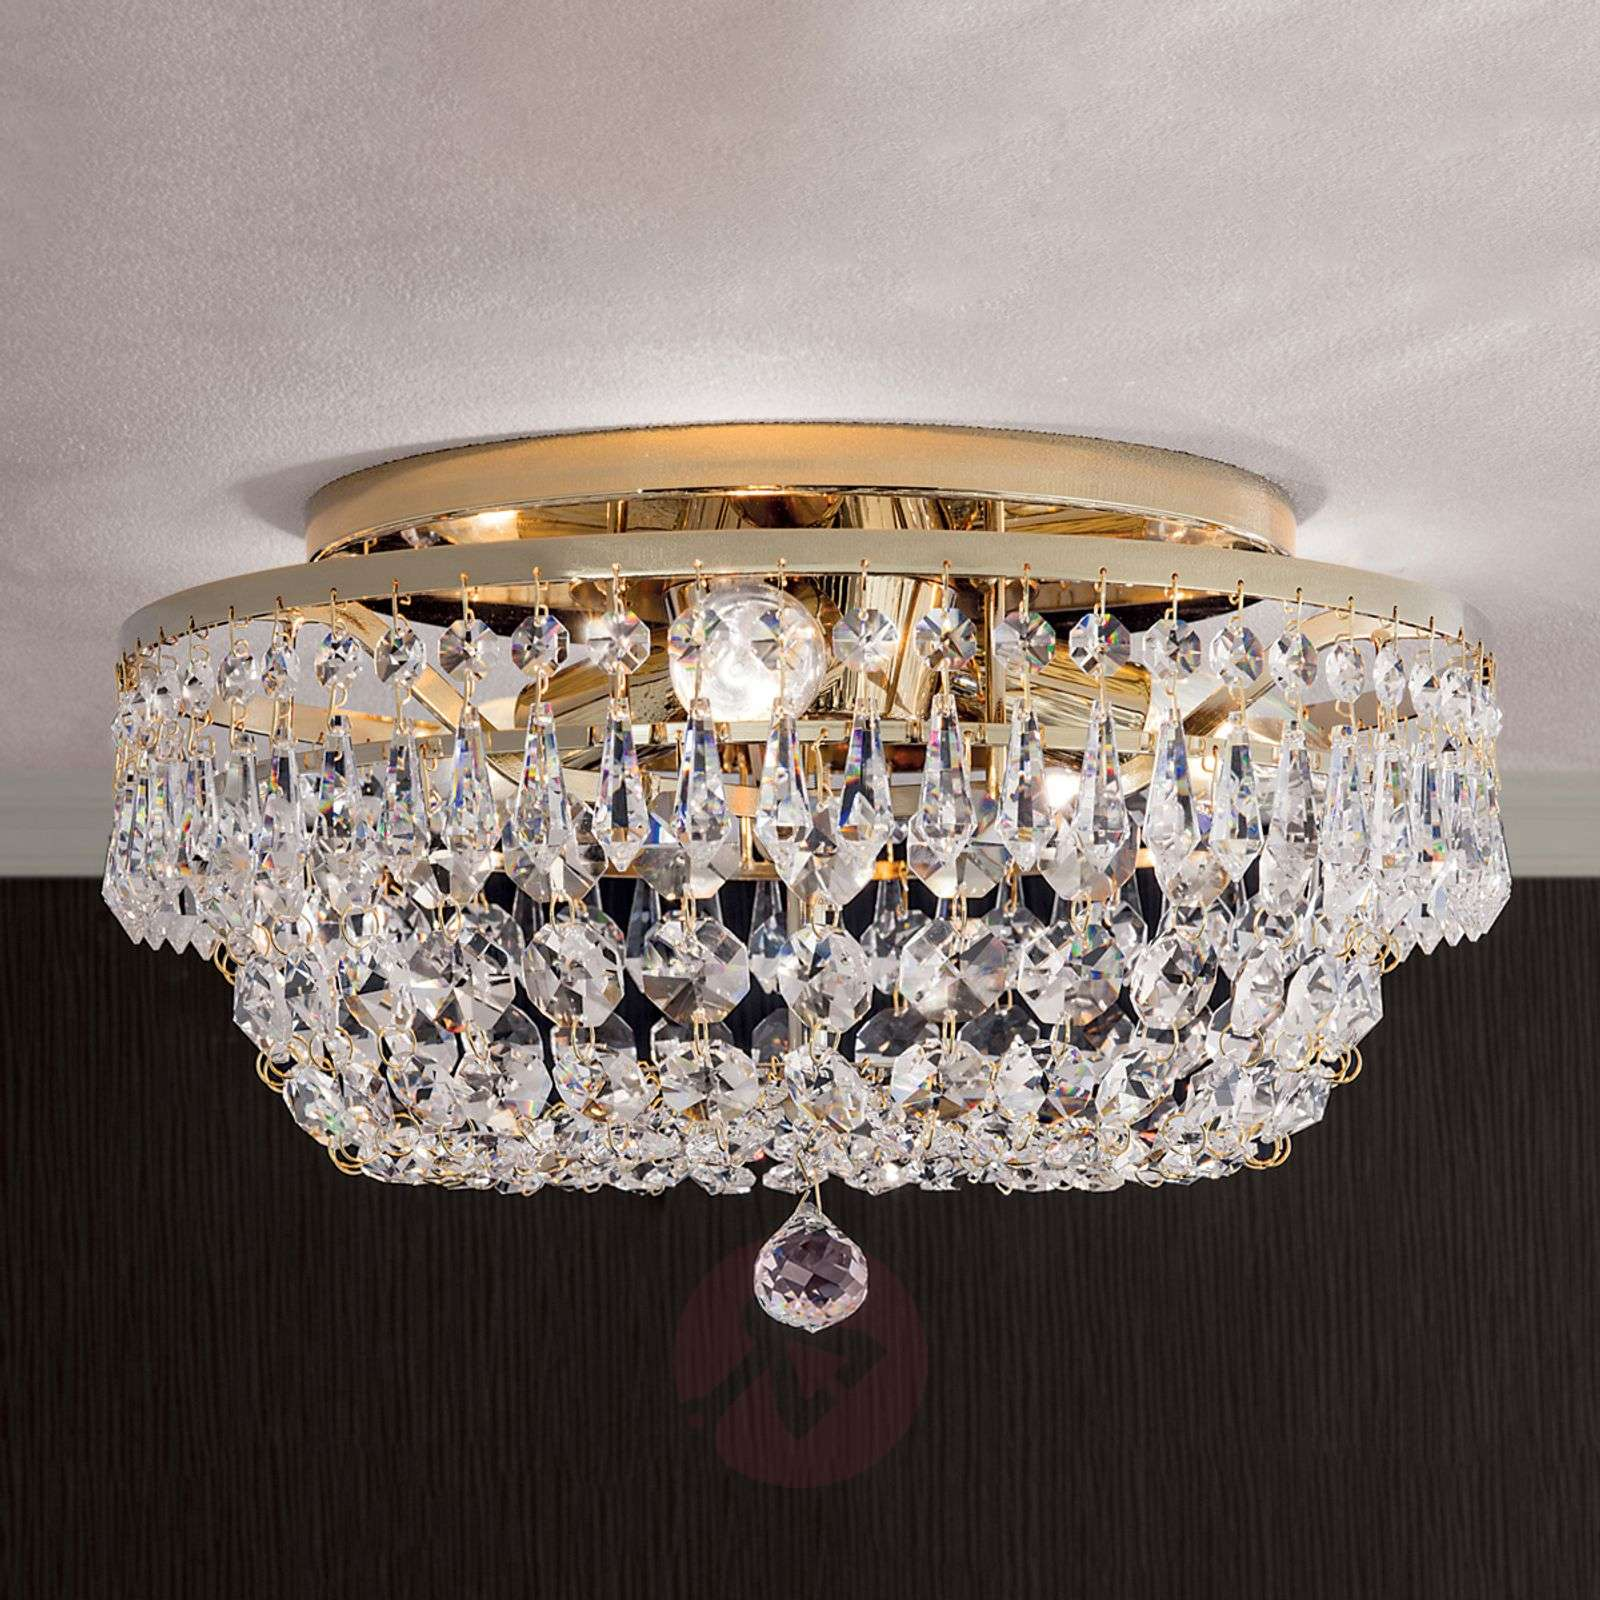 Pyöreä kristallikattokruunu SHERATA, kulta 35cm-7254126-01